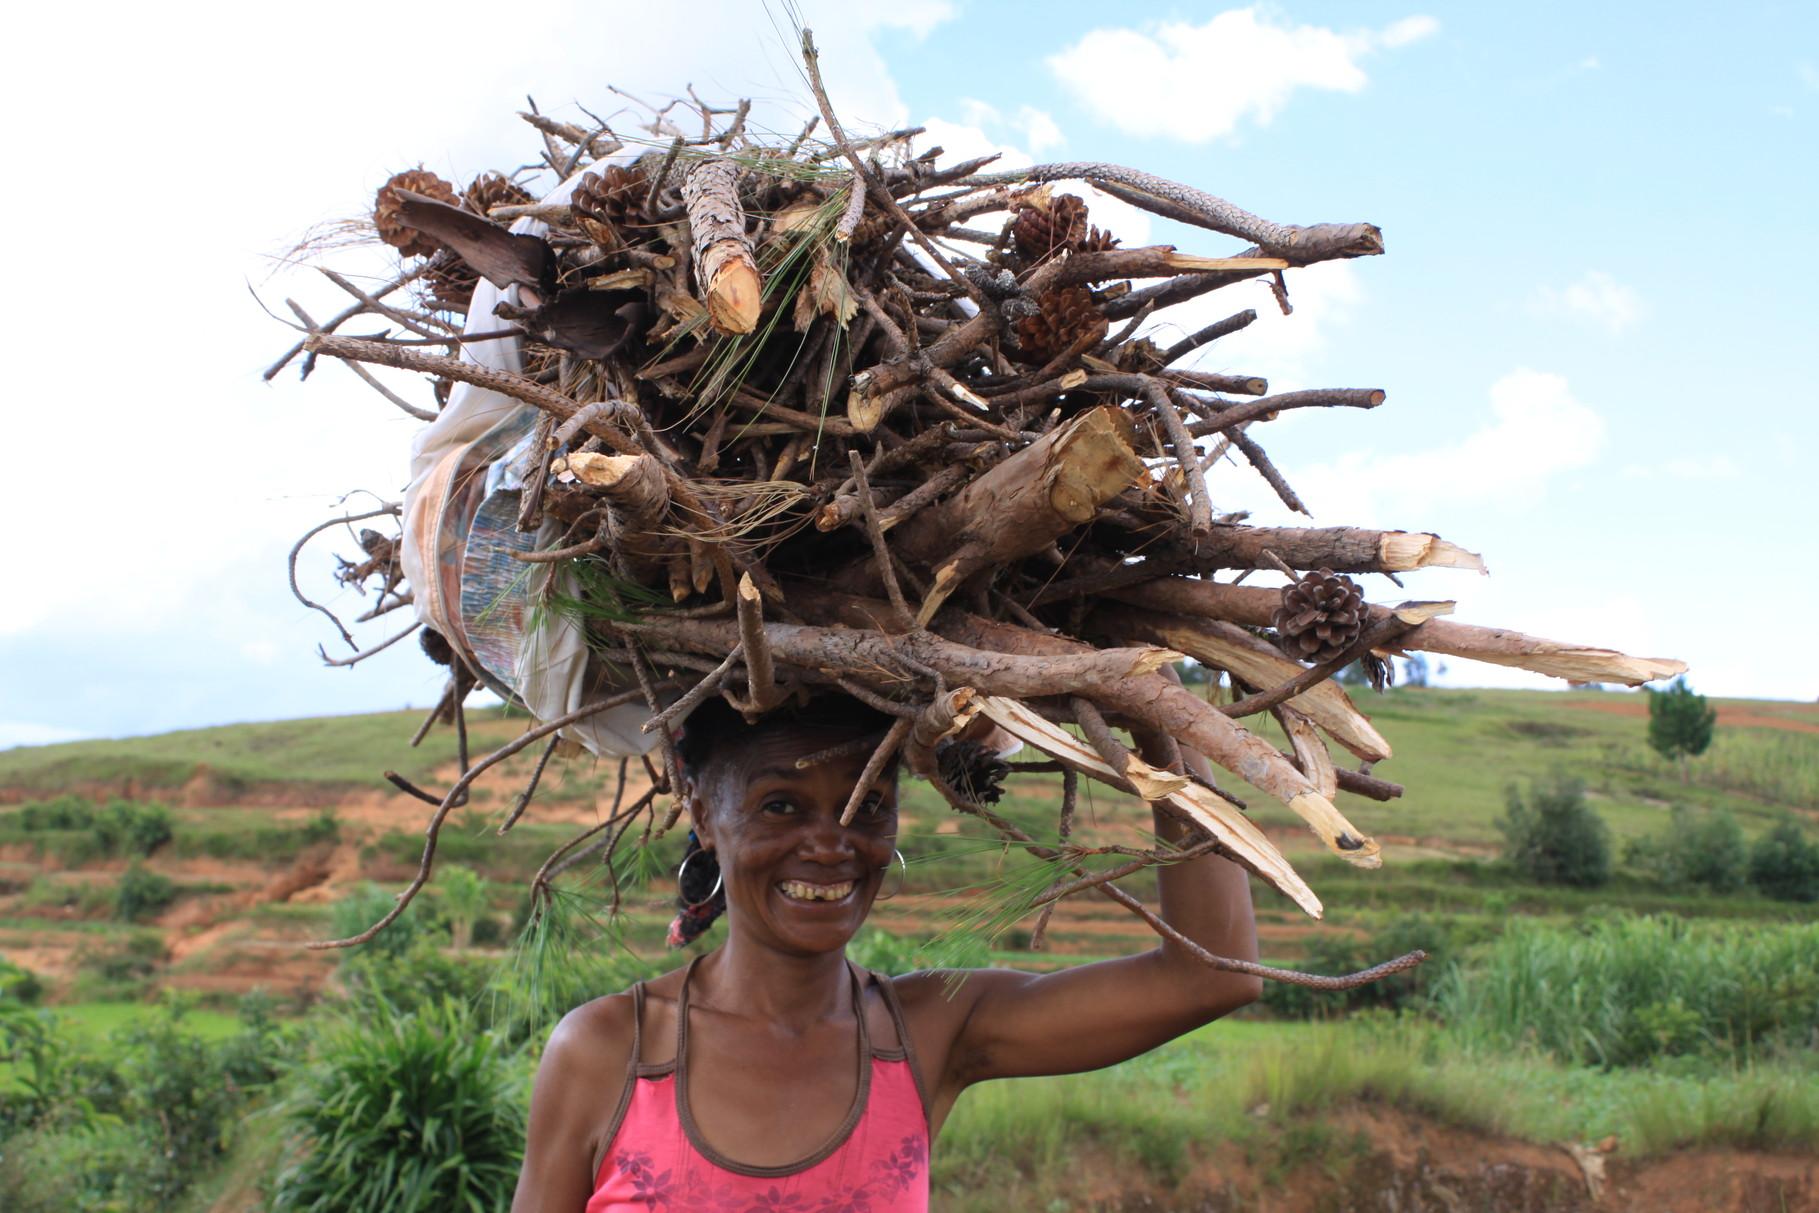 le ramassage de bois pour le feu: une corvée journalière